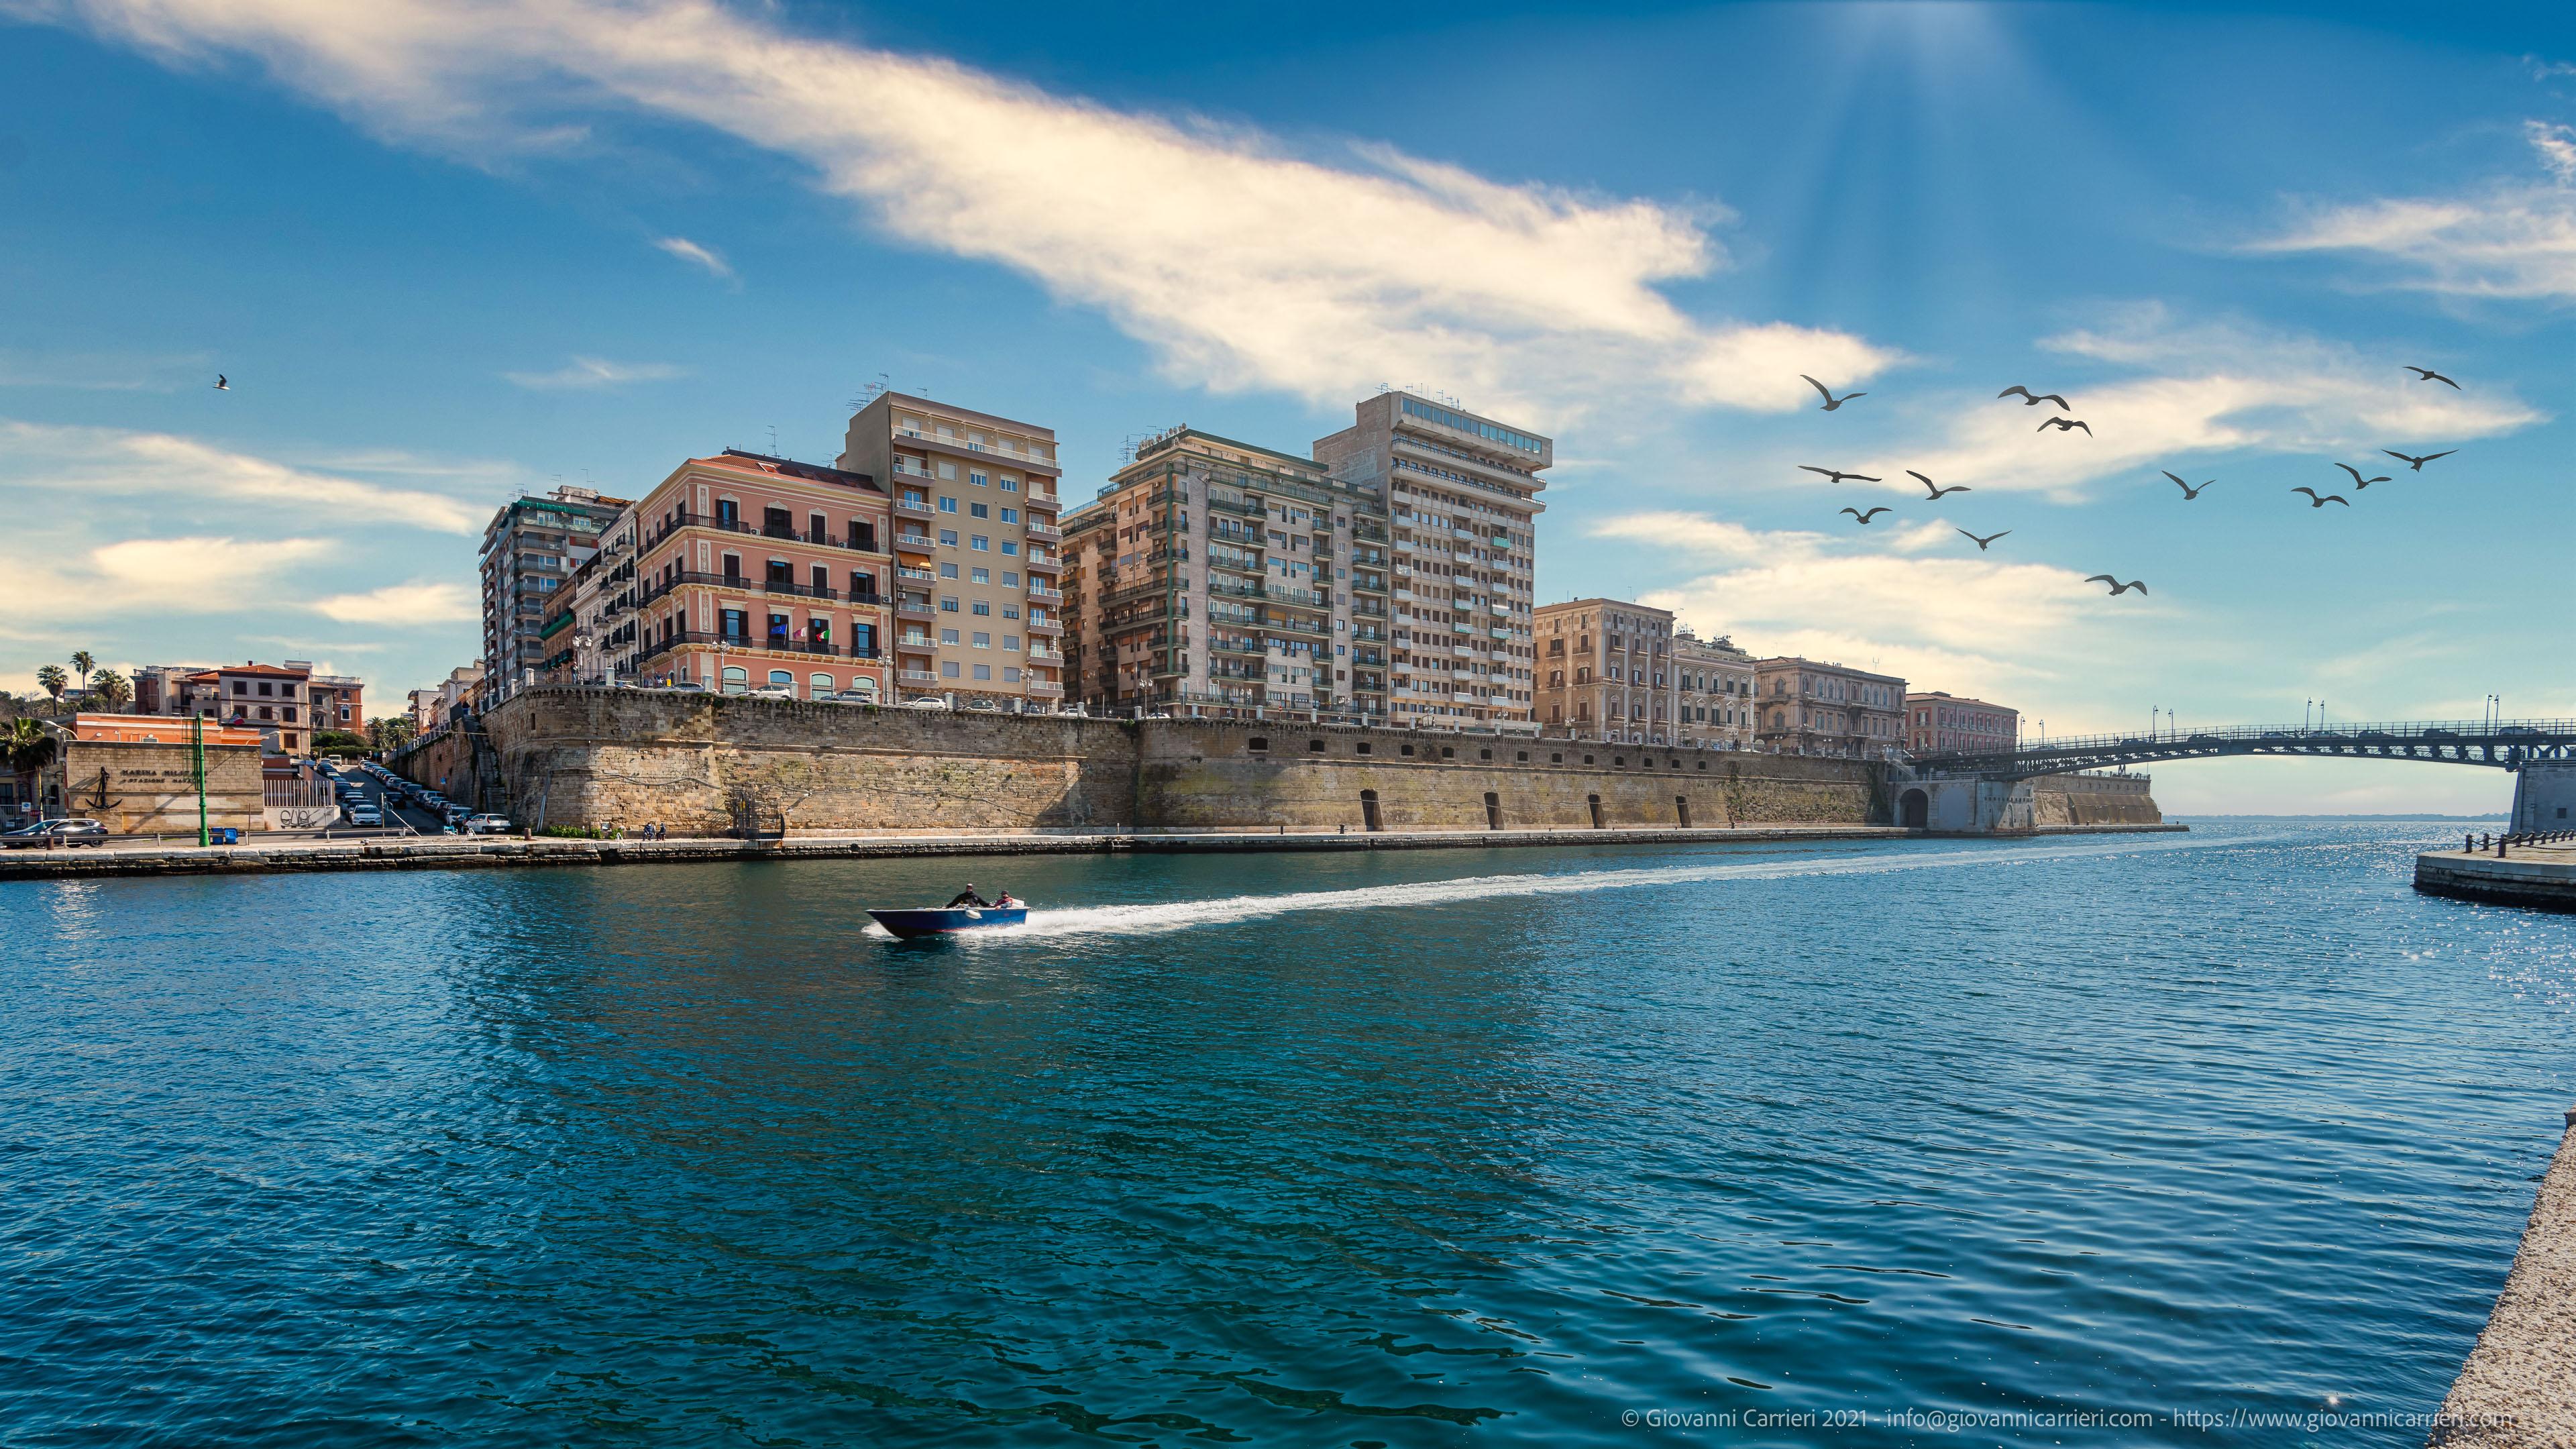 Taranto, Scesa Vasto Il panorama della città di Taranto visto dalla Scesa Vasto